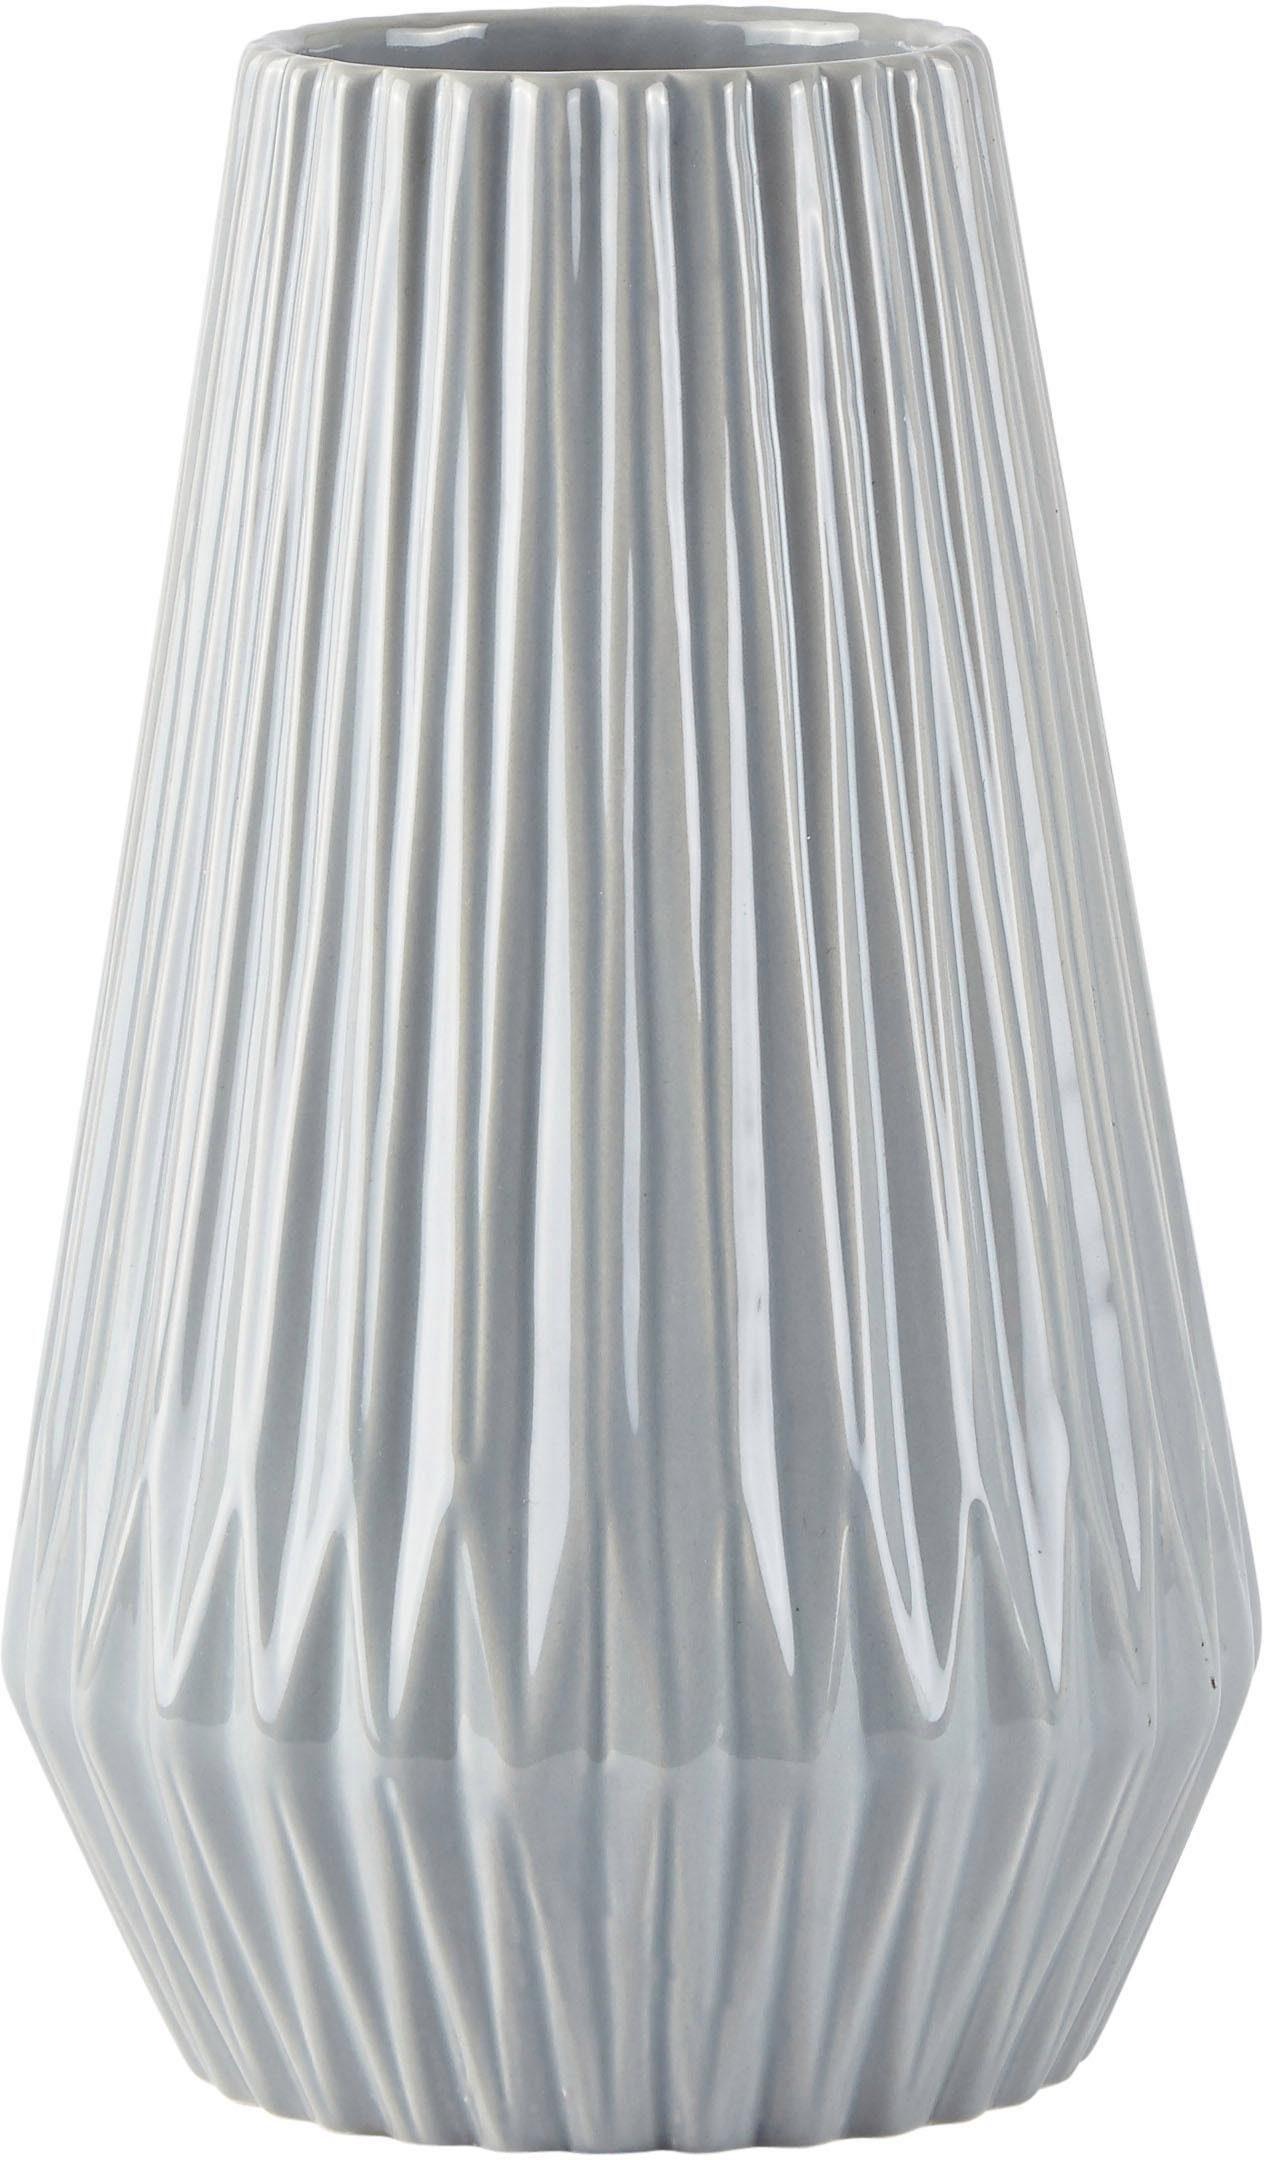 Villa Collection Denmark Vase